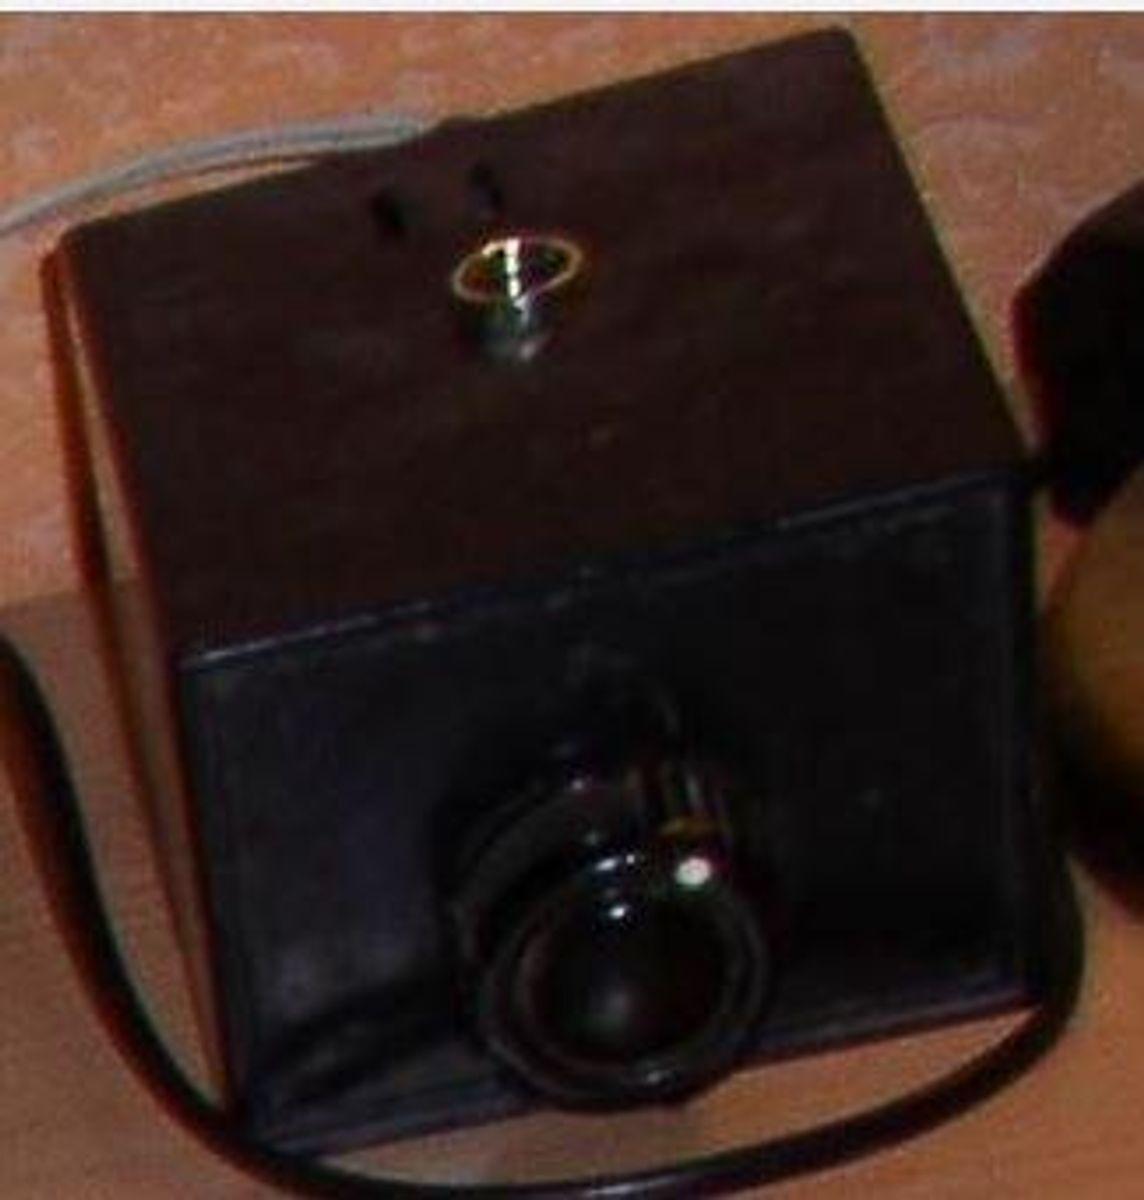 Hvad er dette? Det stod på et natbord. Foto: Europol.